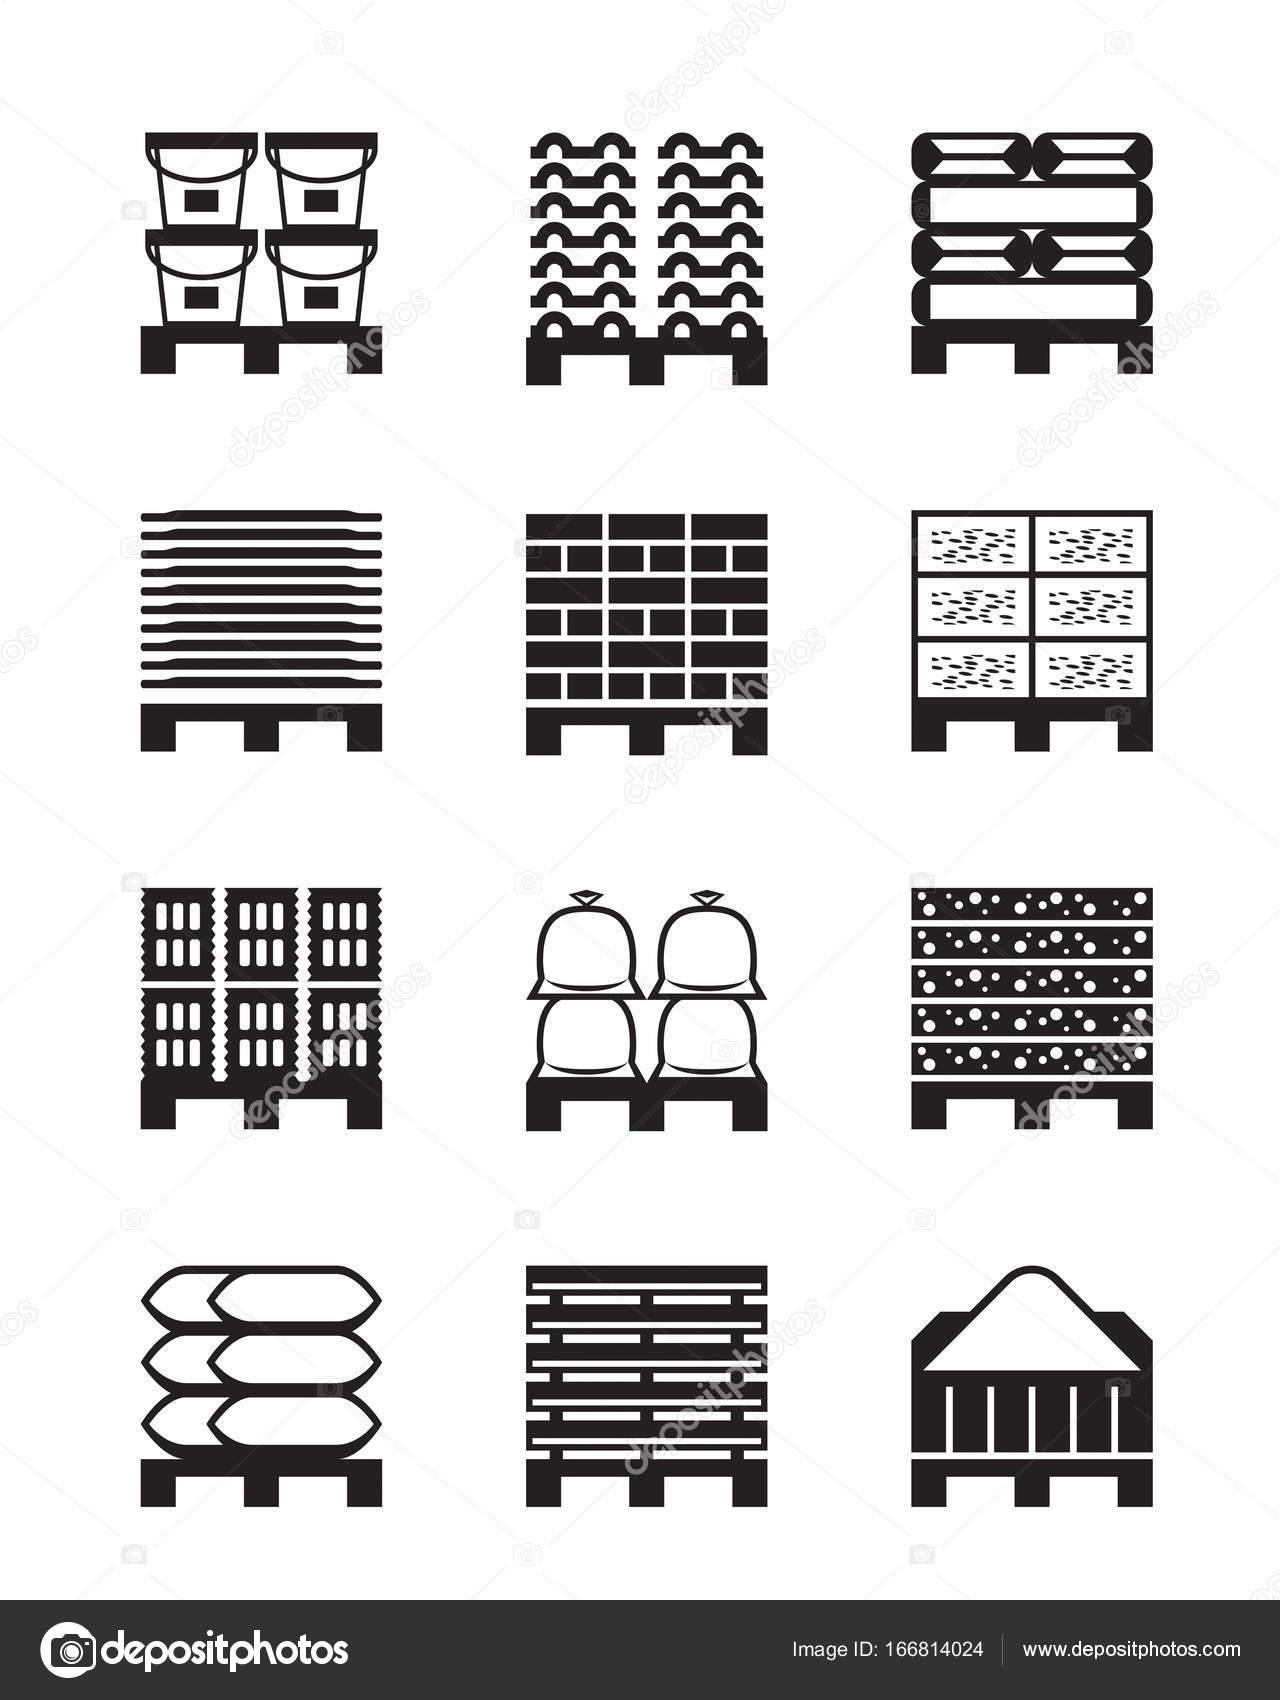 palettes avec diff rents mat riaux de construction image vectorielle angelha 166814024. Black Bedroom Furniture Sets. Home Design Ideas